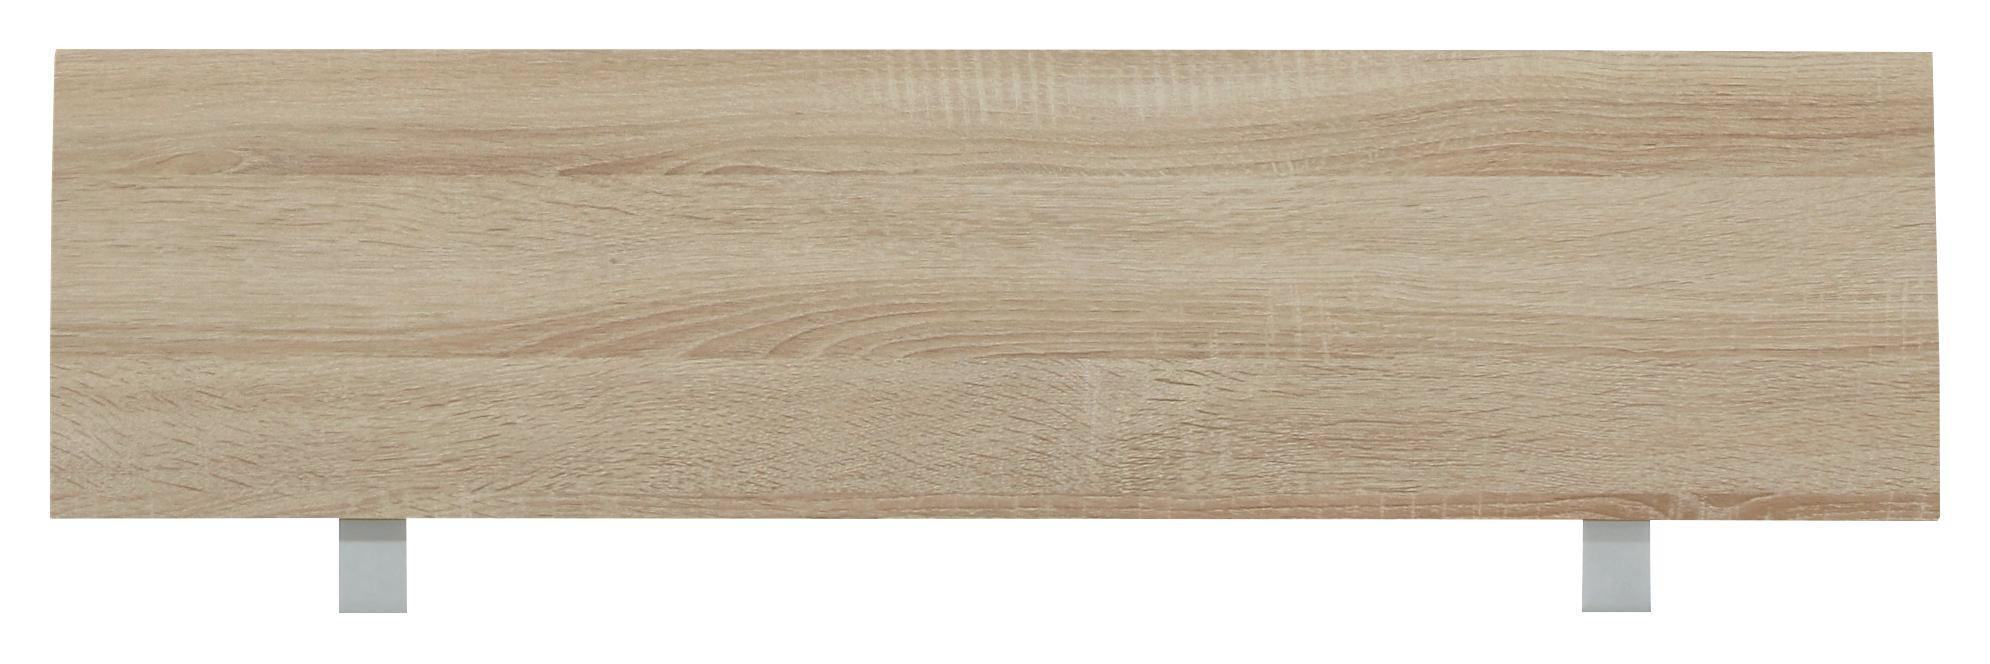 Záhlavie Belia - Konvenčný, drevo (120cm)